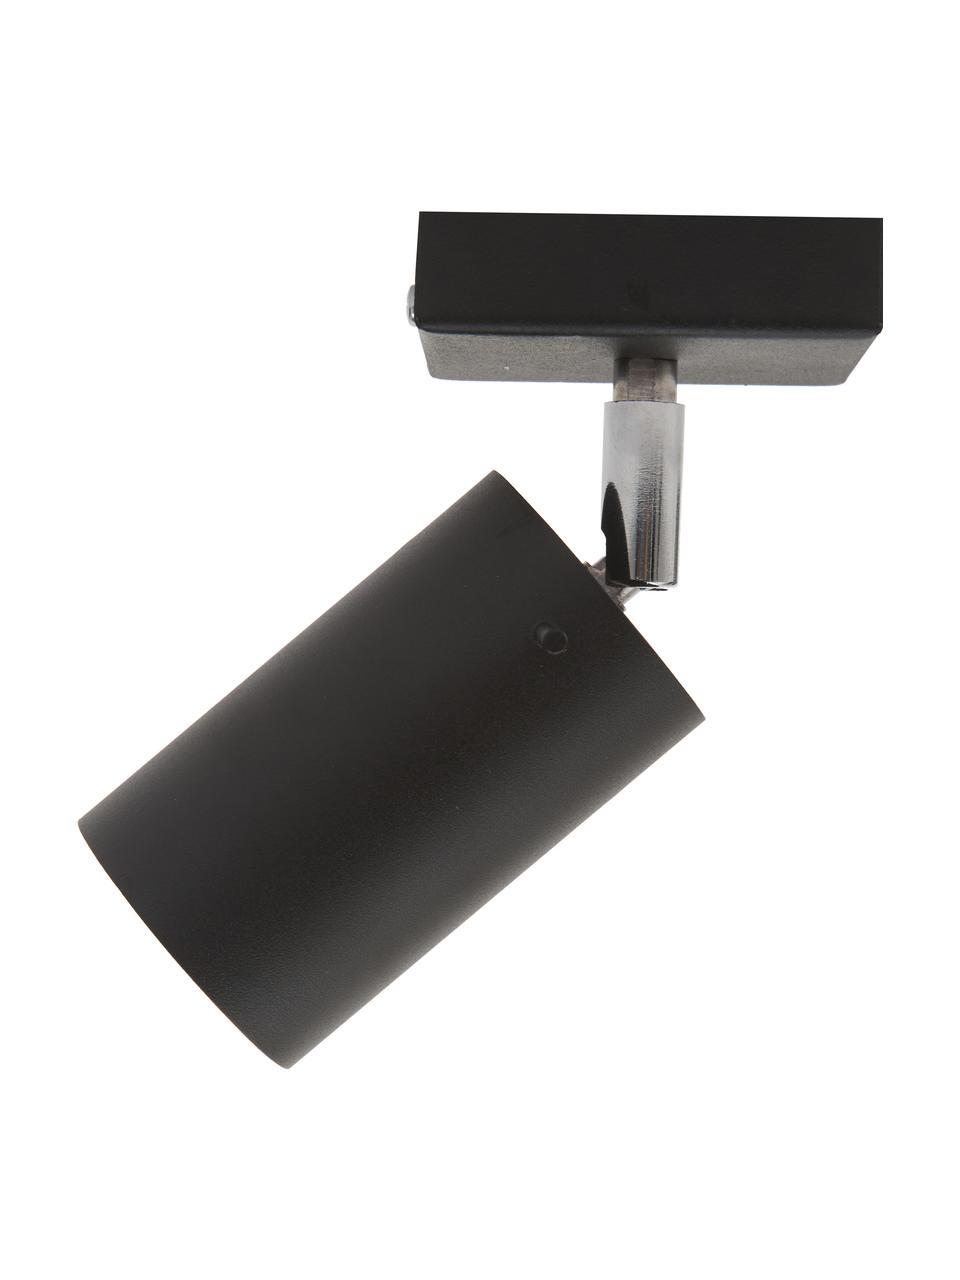 Faretto nero da parete e soffitto Etna, Paralume: acciaio verniciato, Struttura: metallo, Nero, Larg. 10 x Alt. 15 cm